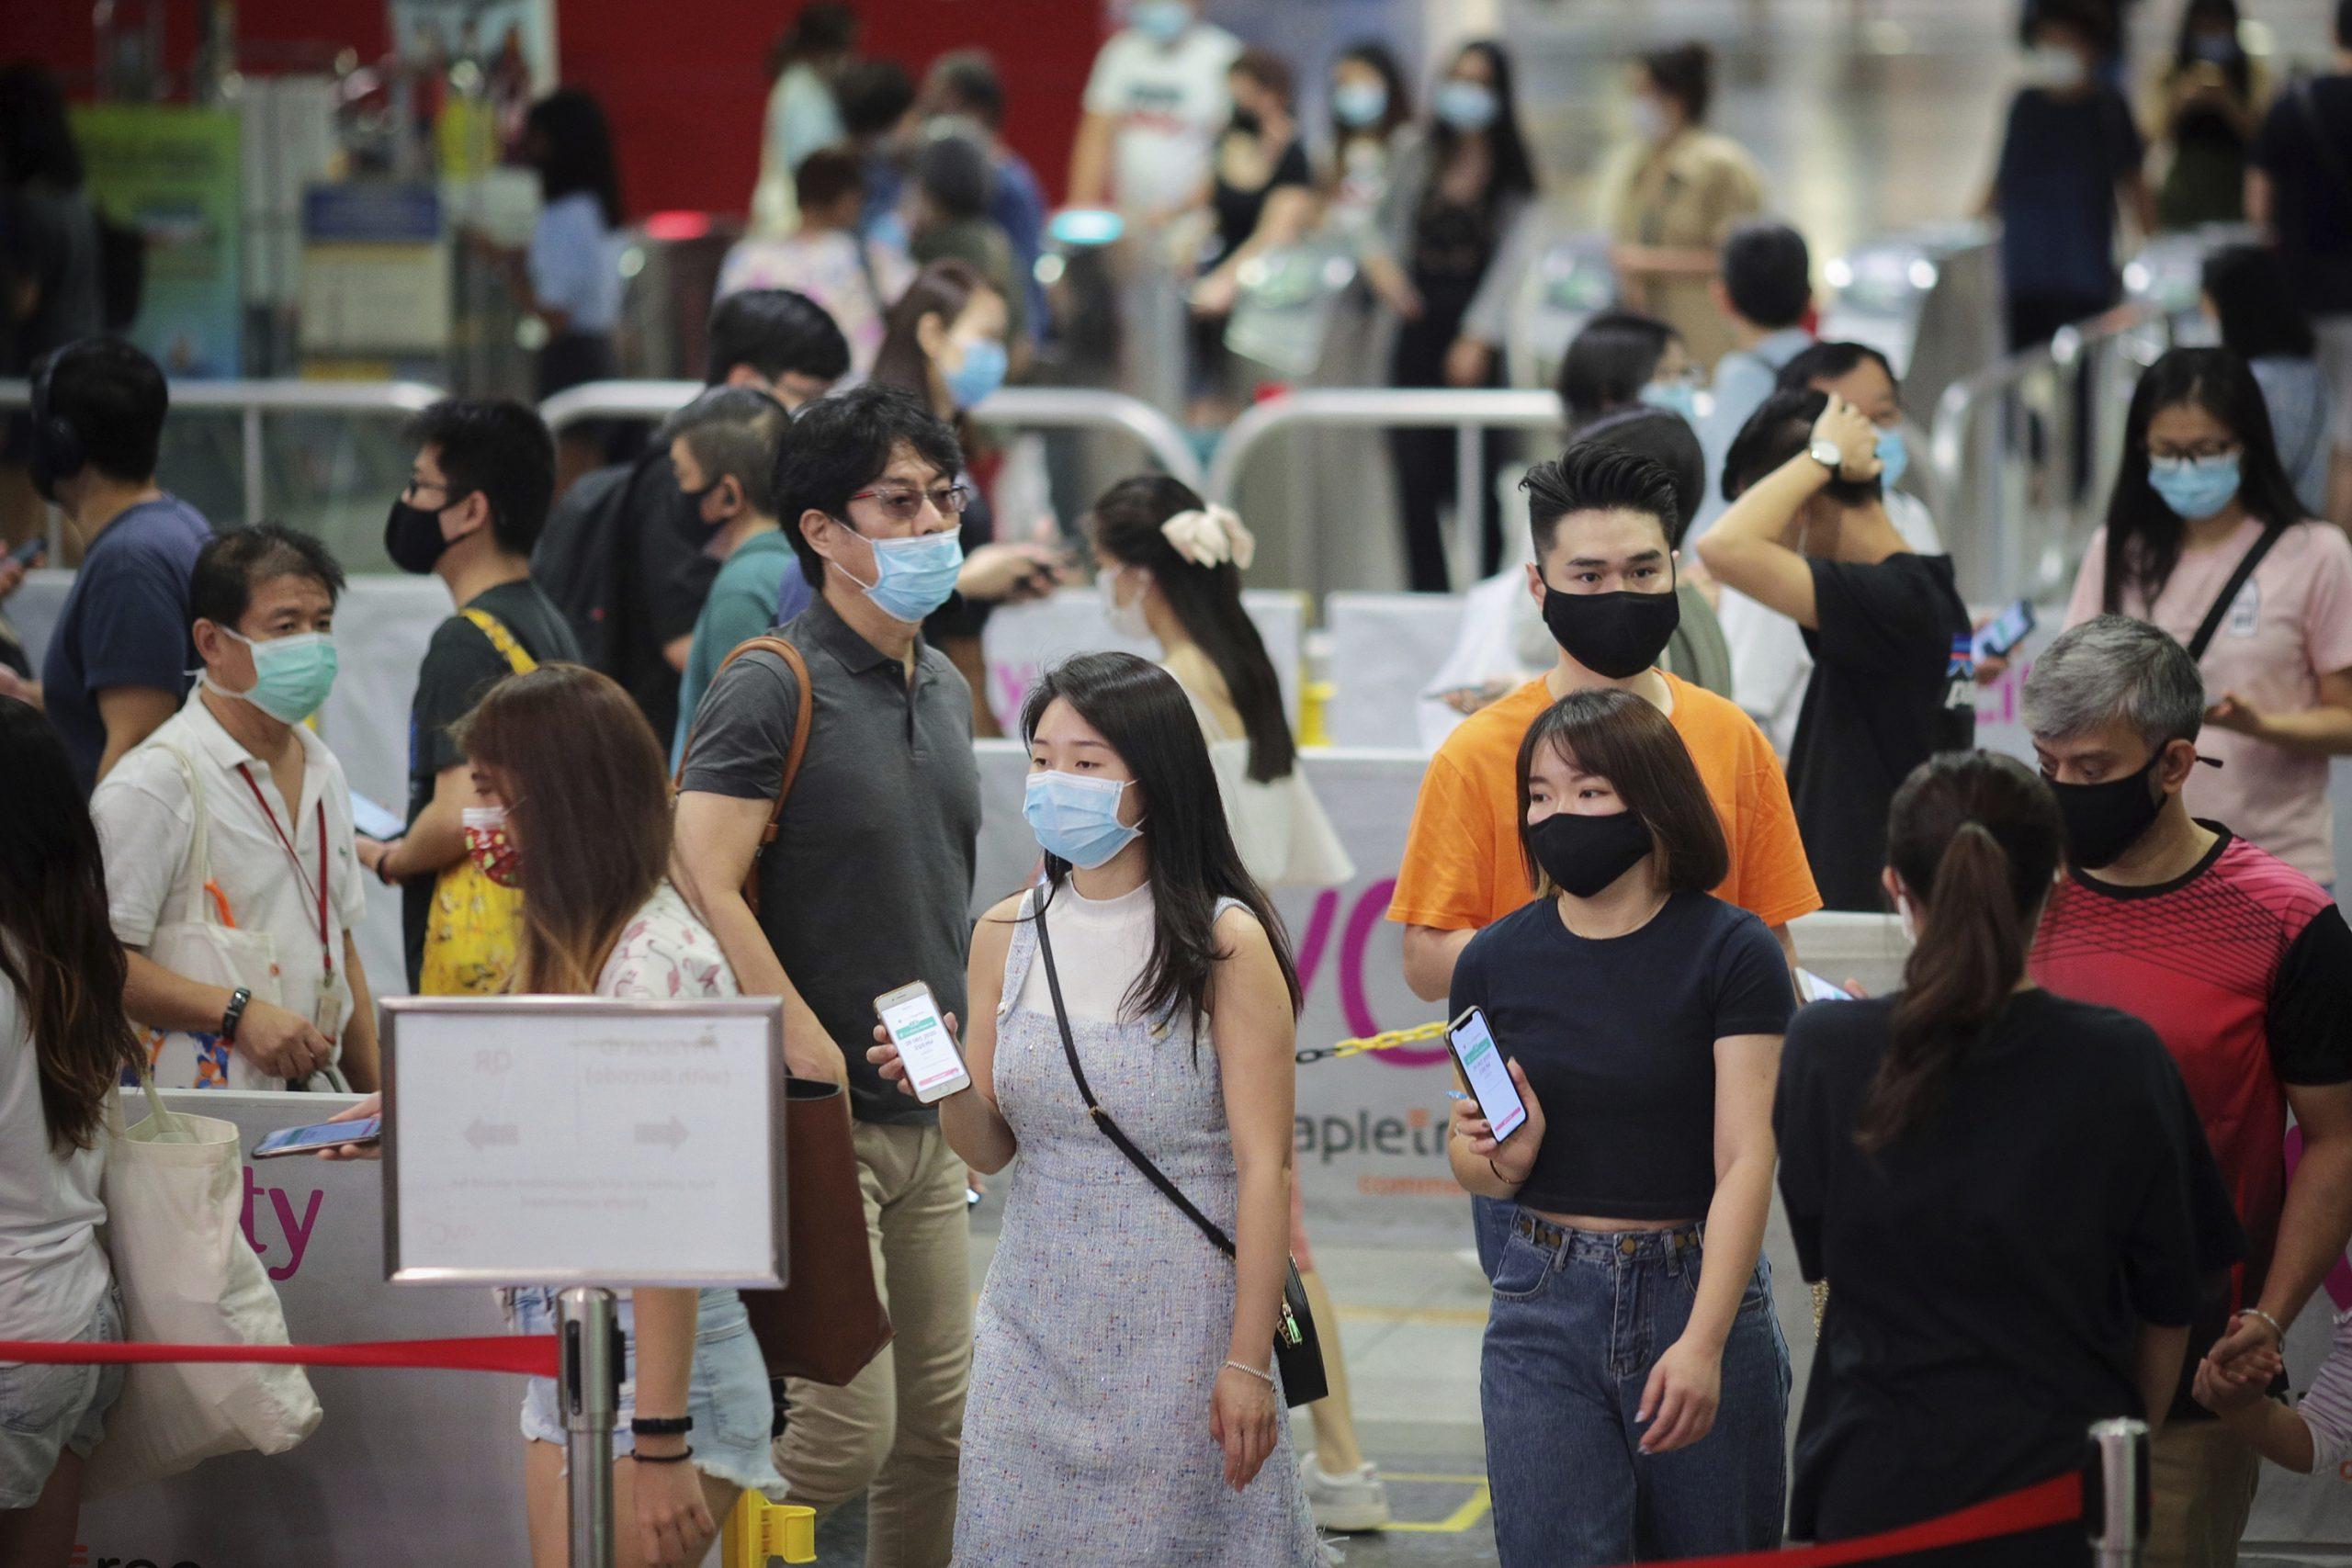 シンガポールの接触追跡アプリが方針転換、犯罪捜査でも利用可に